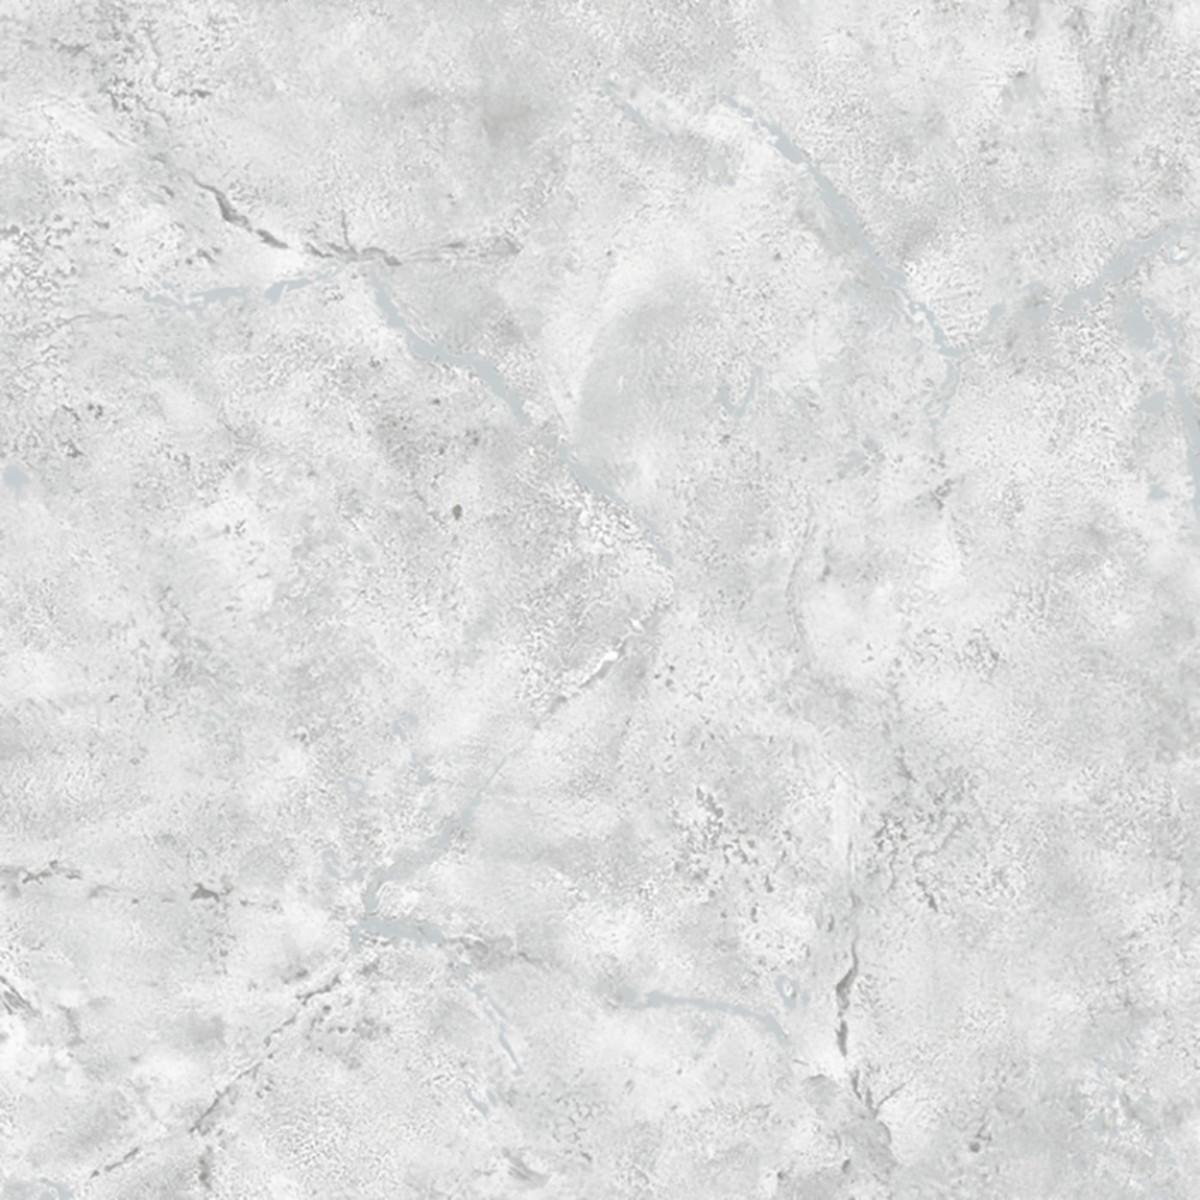 Обои виниловые Shinhan Wallcoverings серые 1.06 м 88282-3